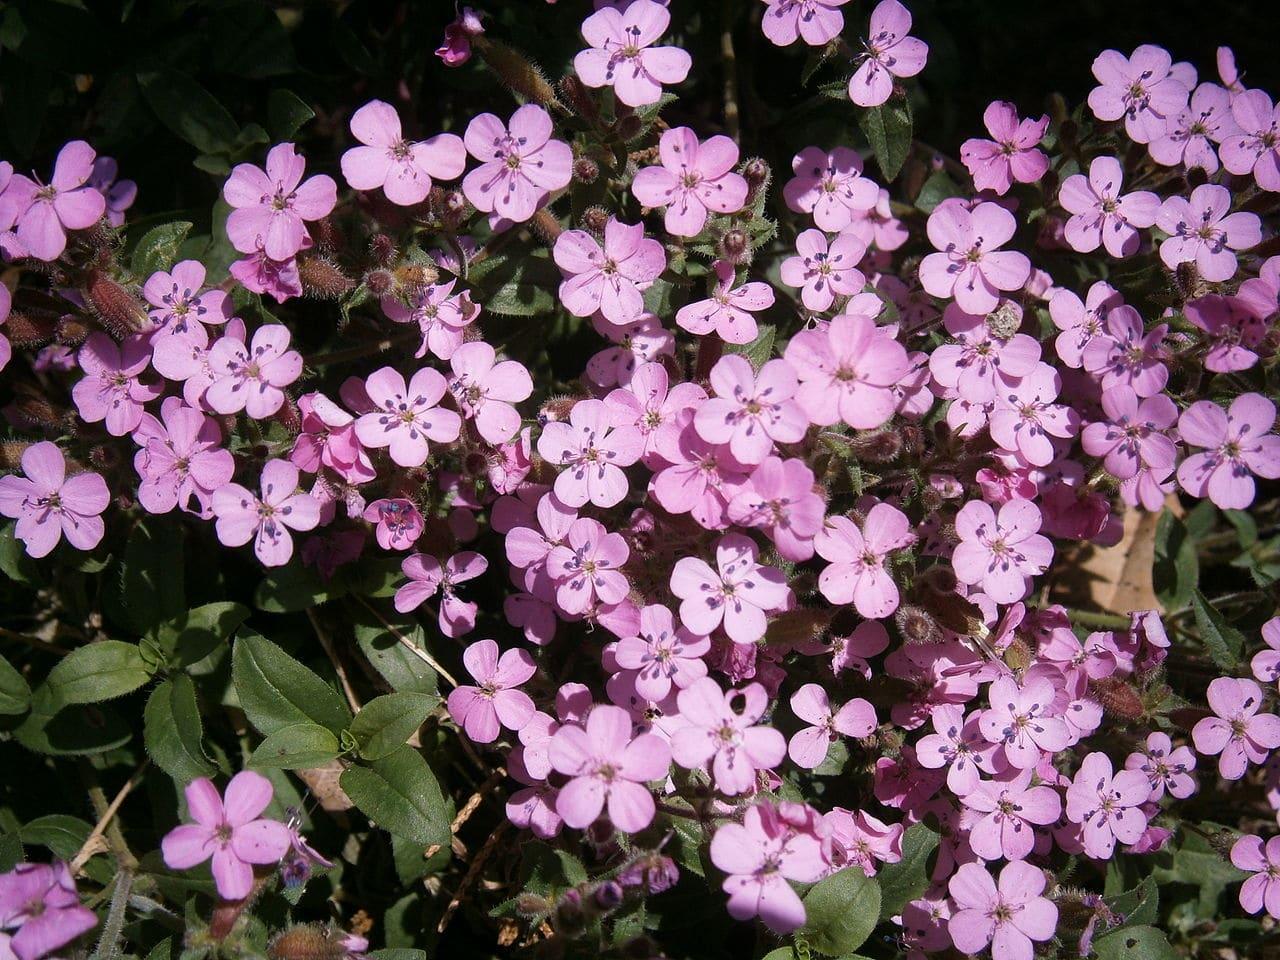 Vista de la saponaria en flor